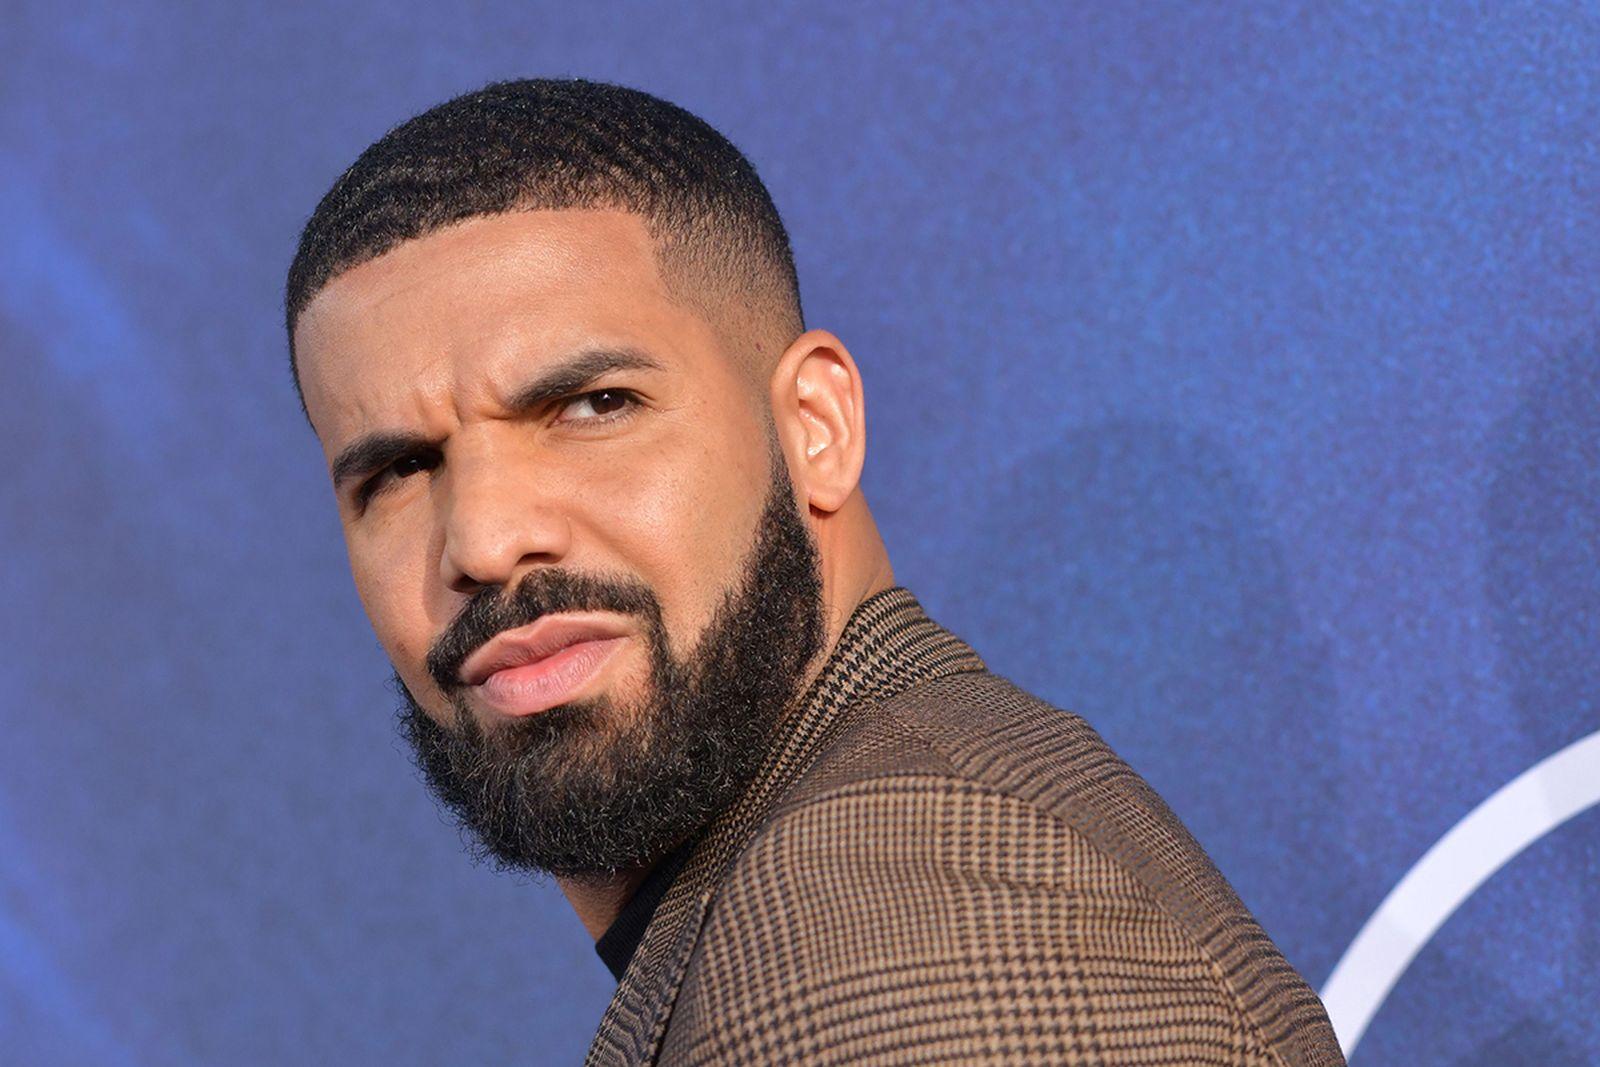 Drake beard red carpet